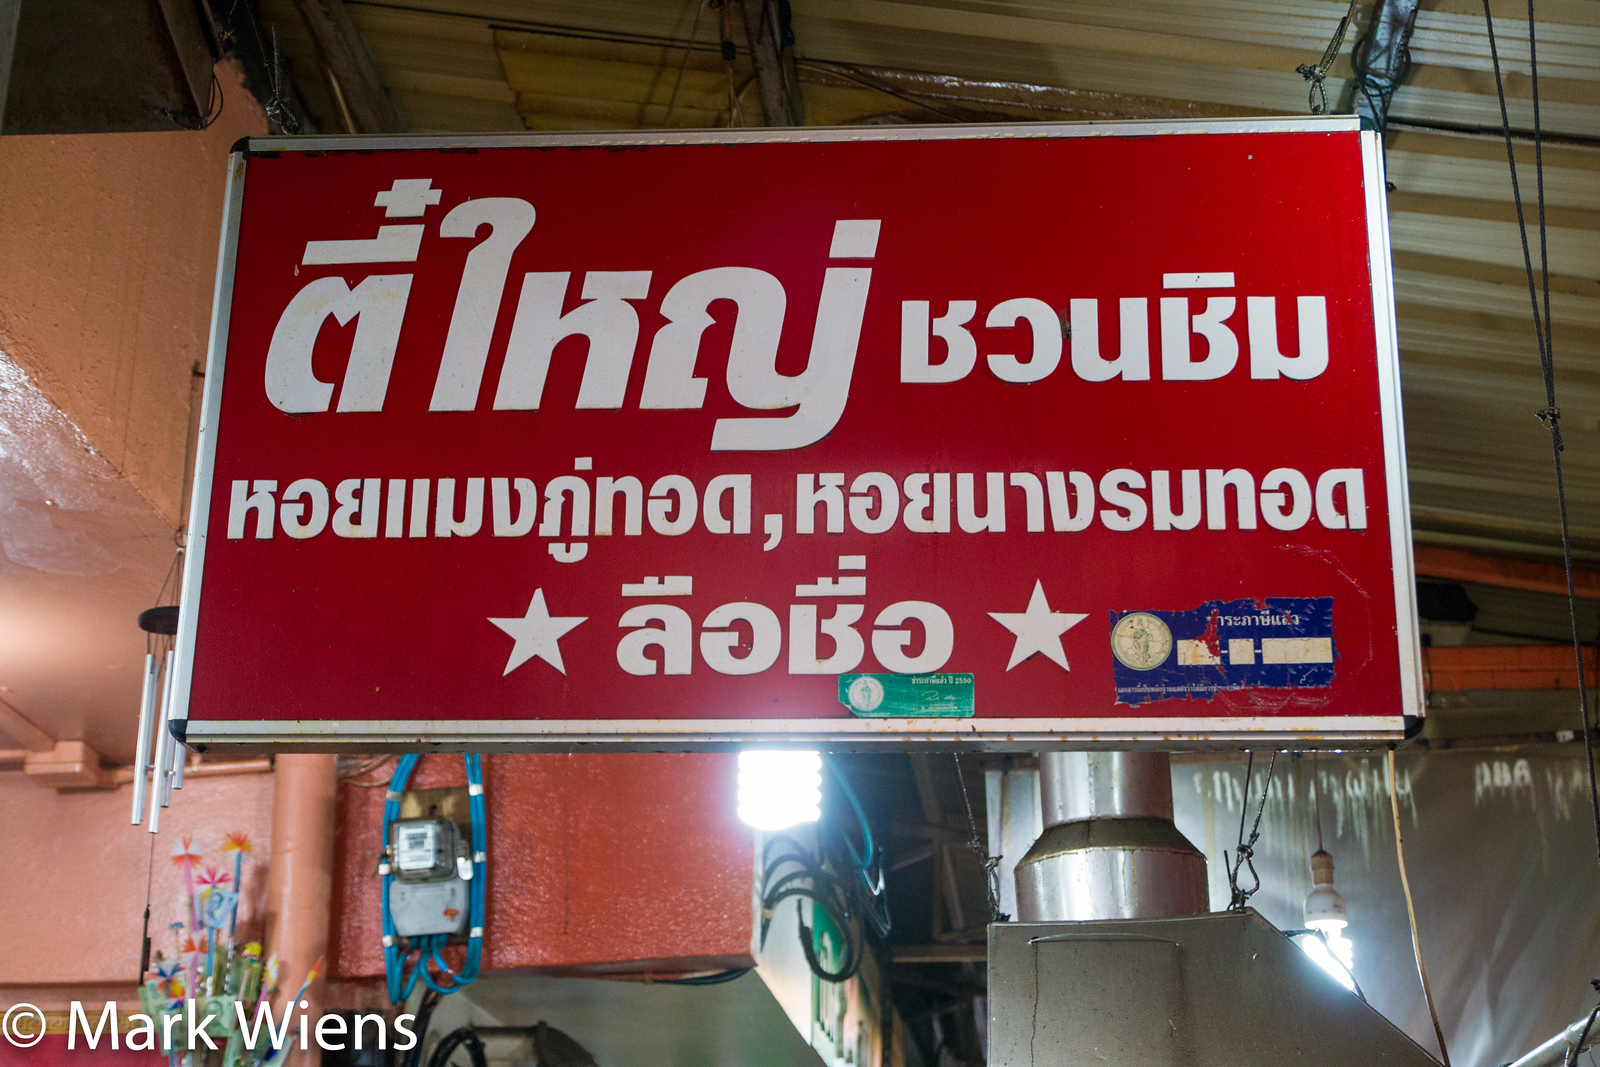 De Yai Chuan Cheem Hoy Tod Kata Ron (ตี๋ใหญ่ชวนชิม หอยทอดกะทะร้อน)